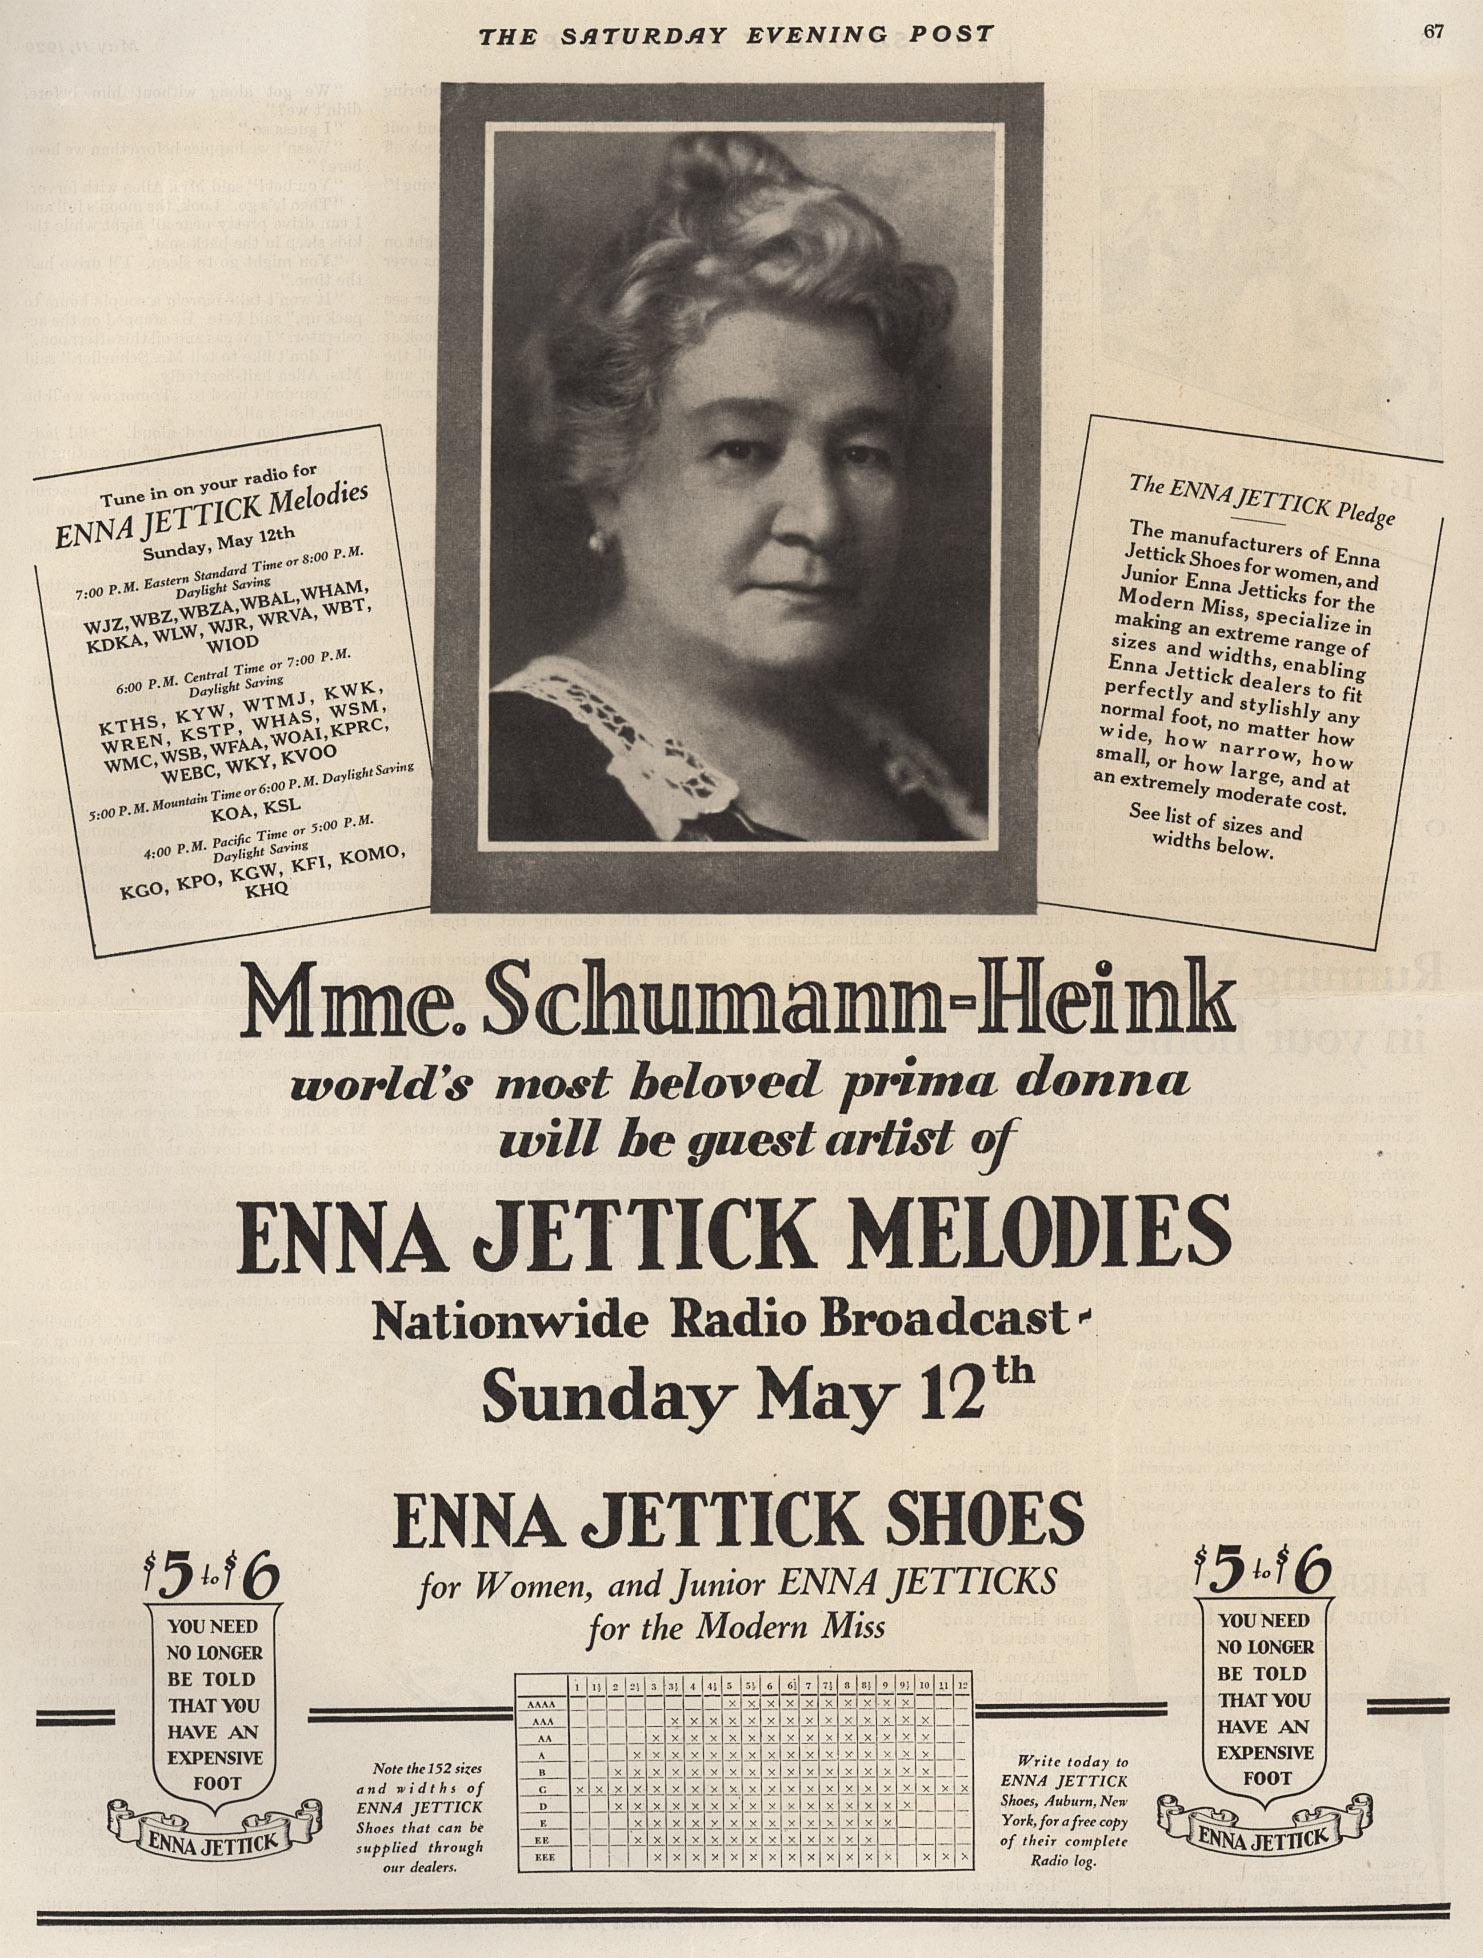 Mme._Schumann-Heink_worlds_most_beloved_prima_donna...